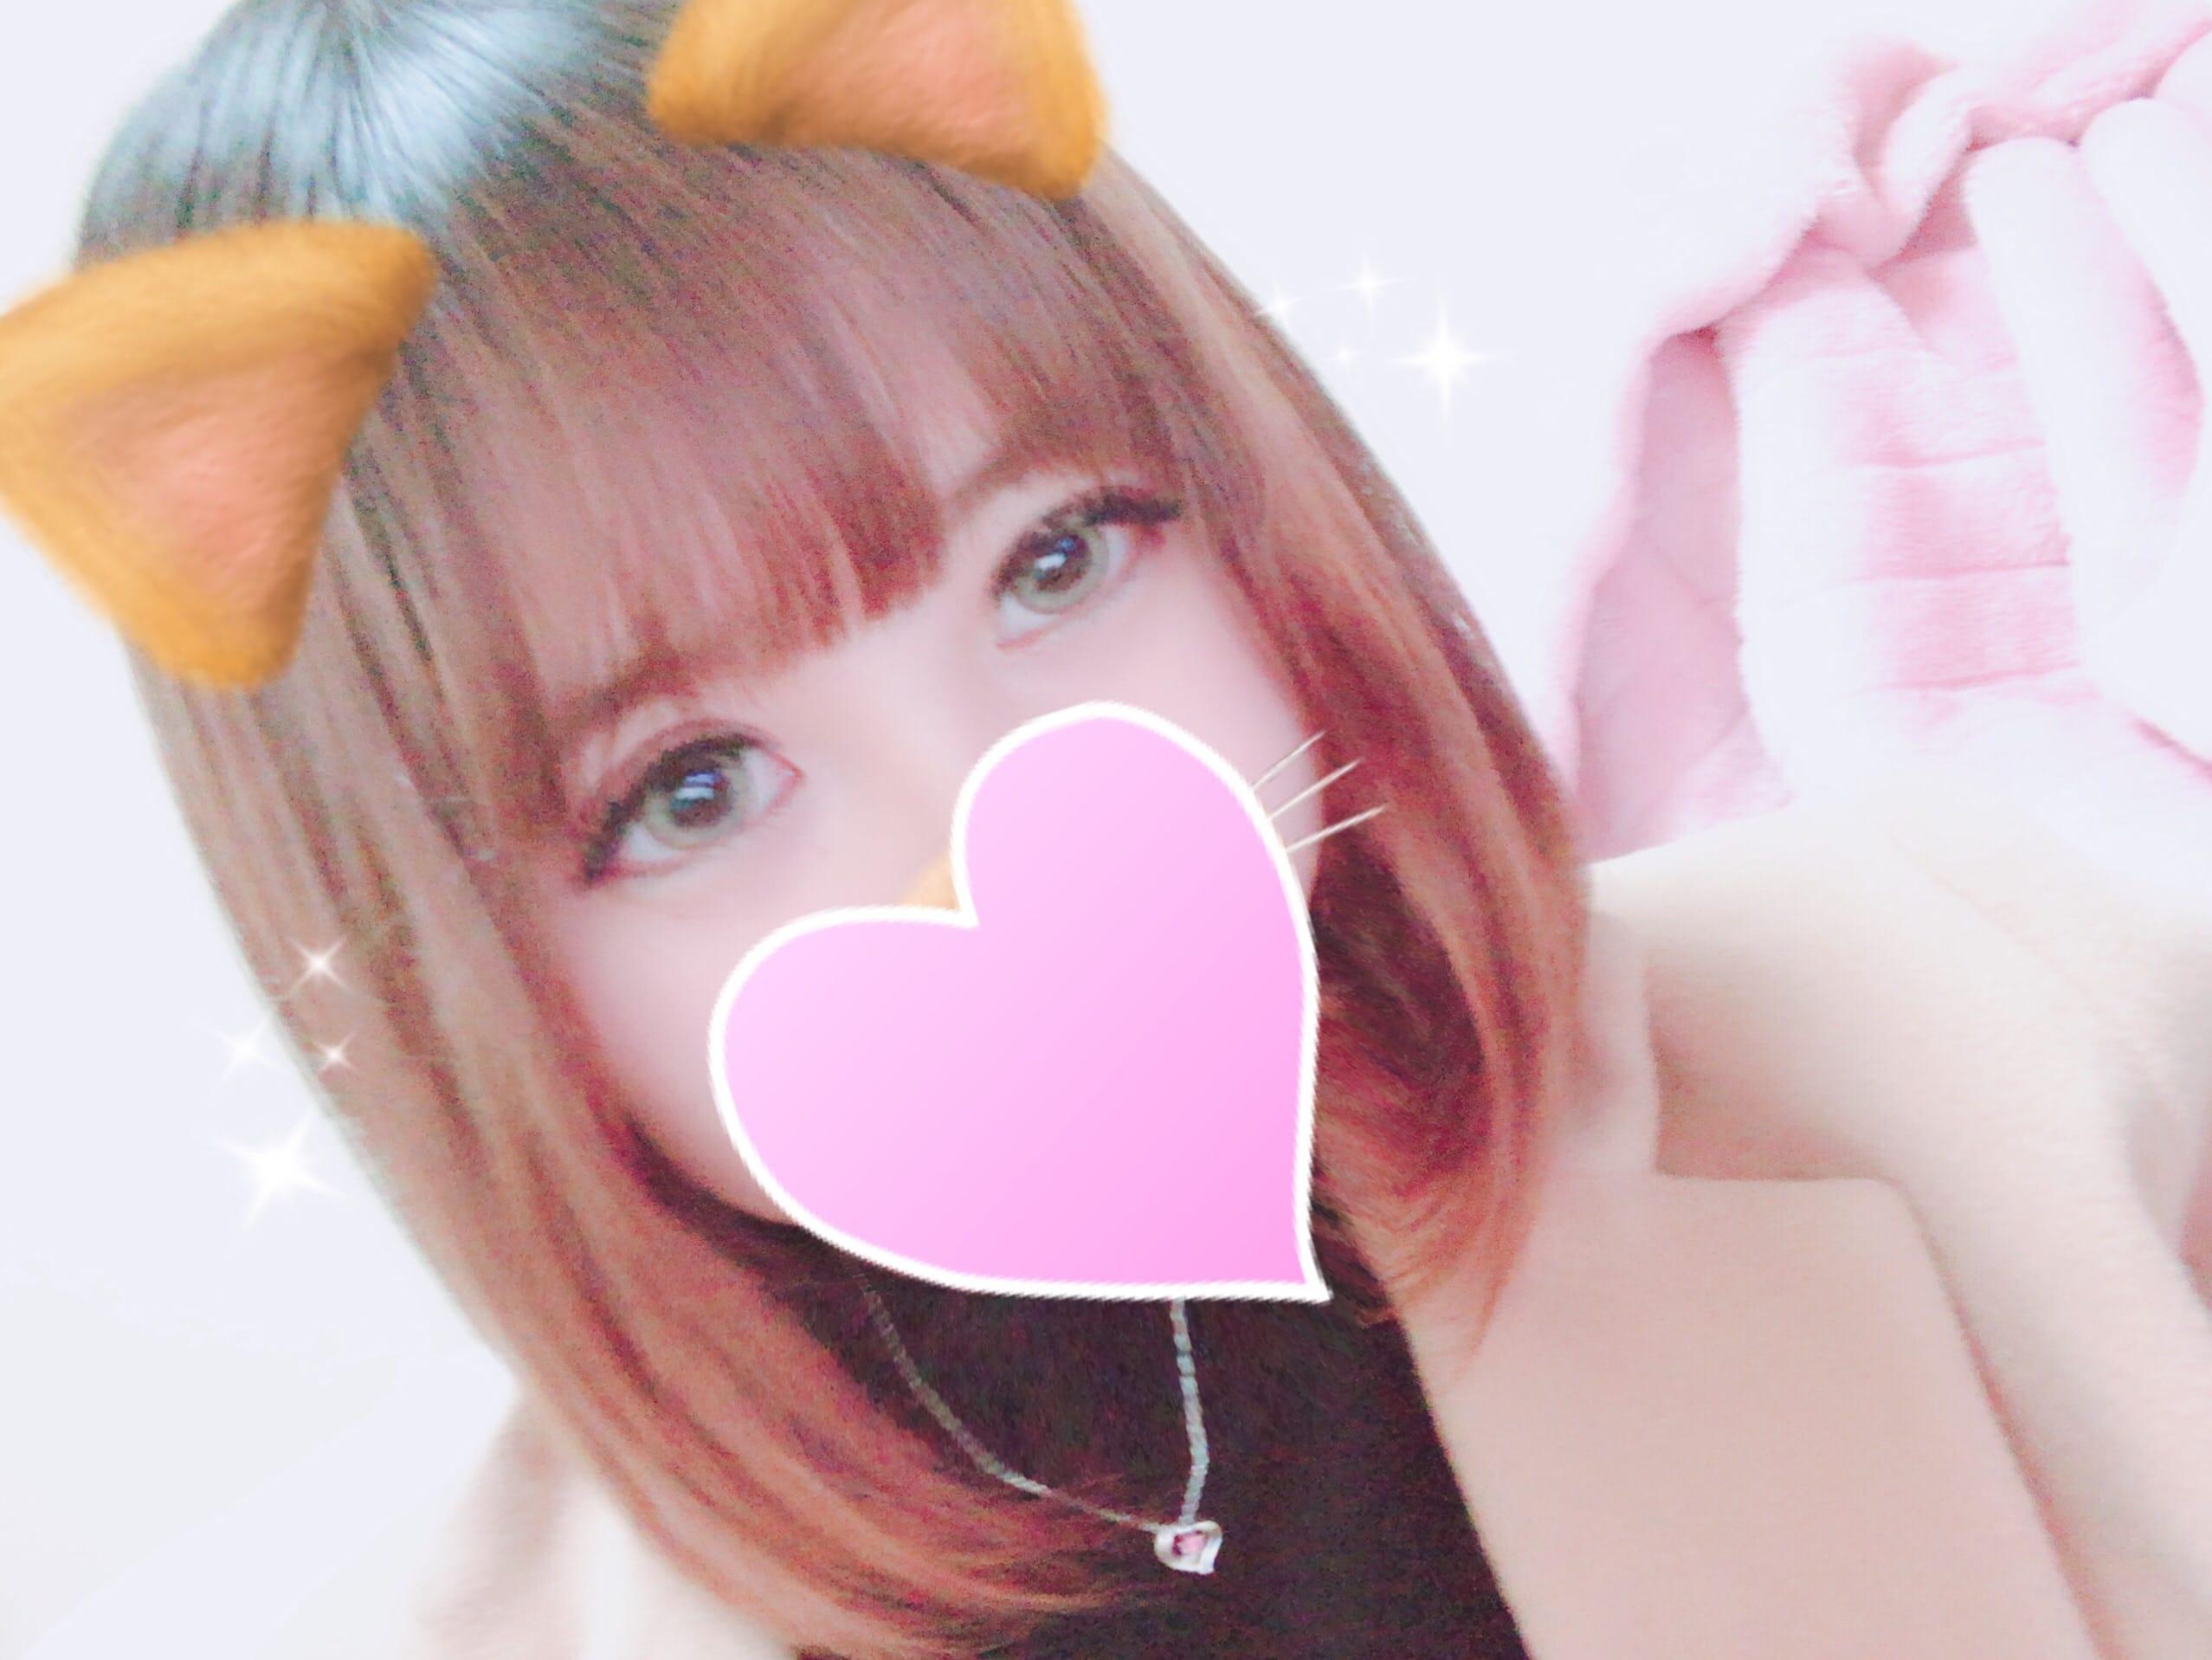 サリア☆ラブチャンス☆「サリア?」01/20(土) 00:38 | サリア☆ラブチャンス☆の写メ・風俗動画